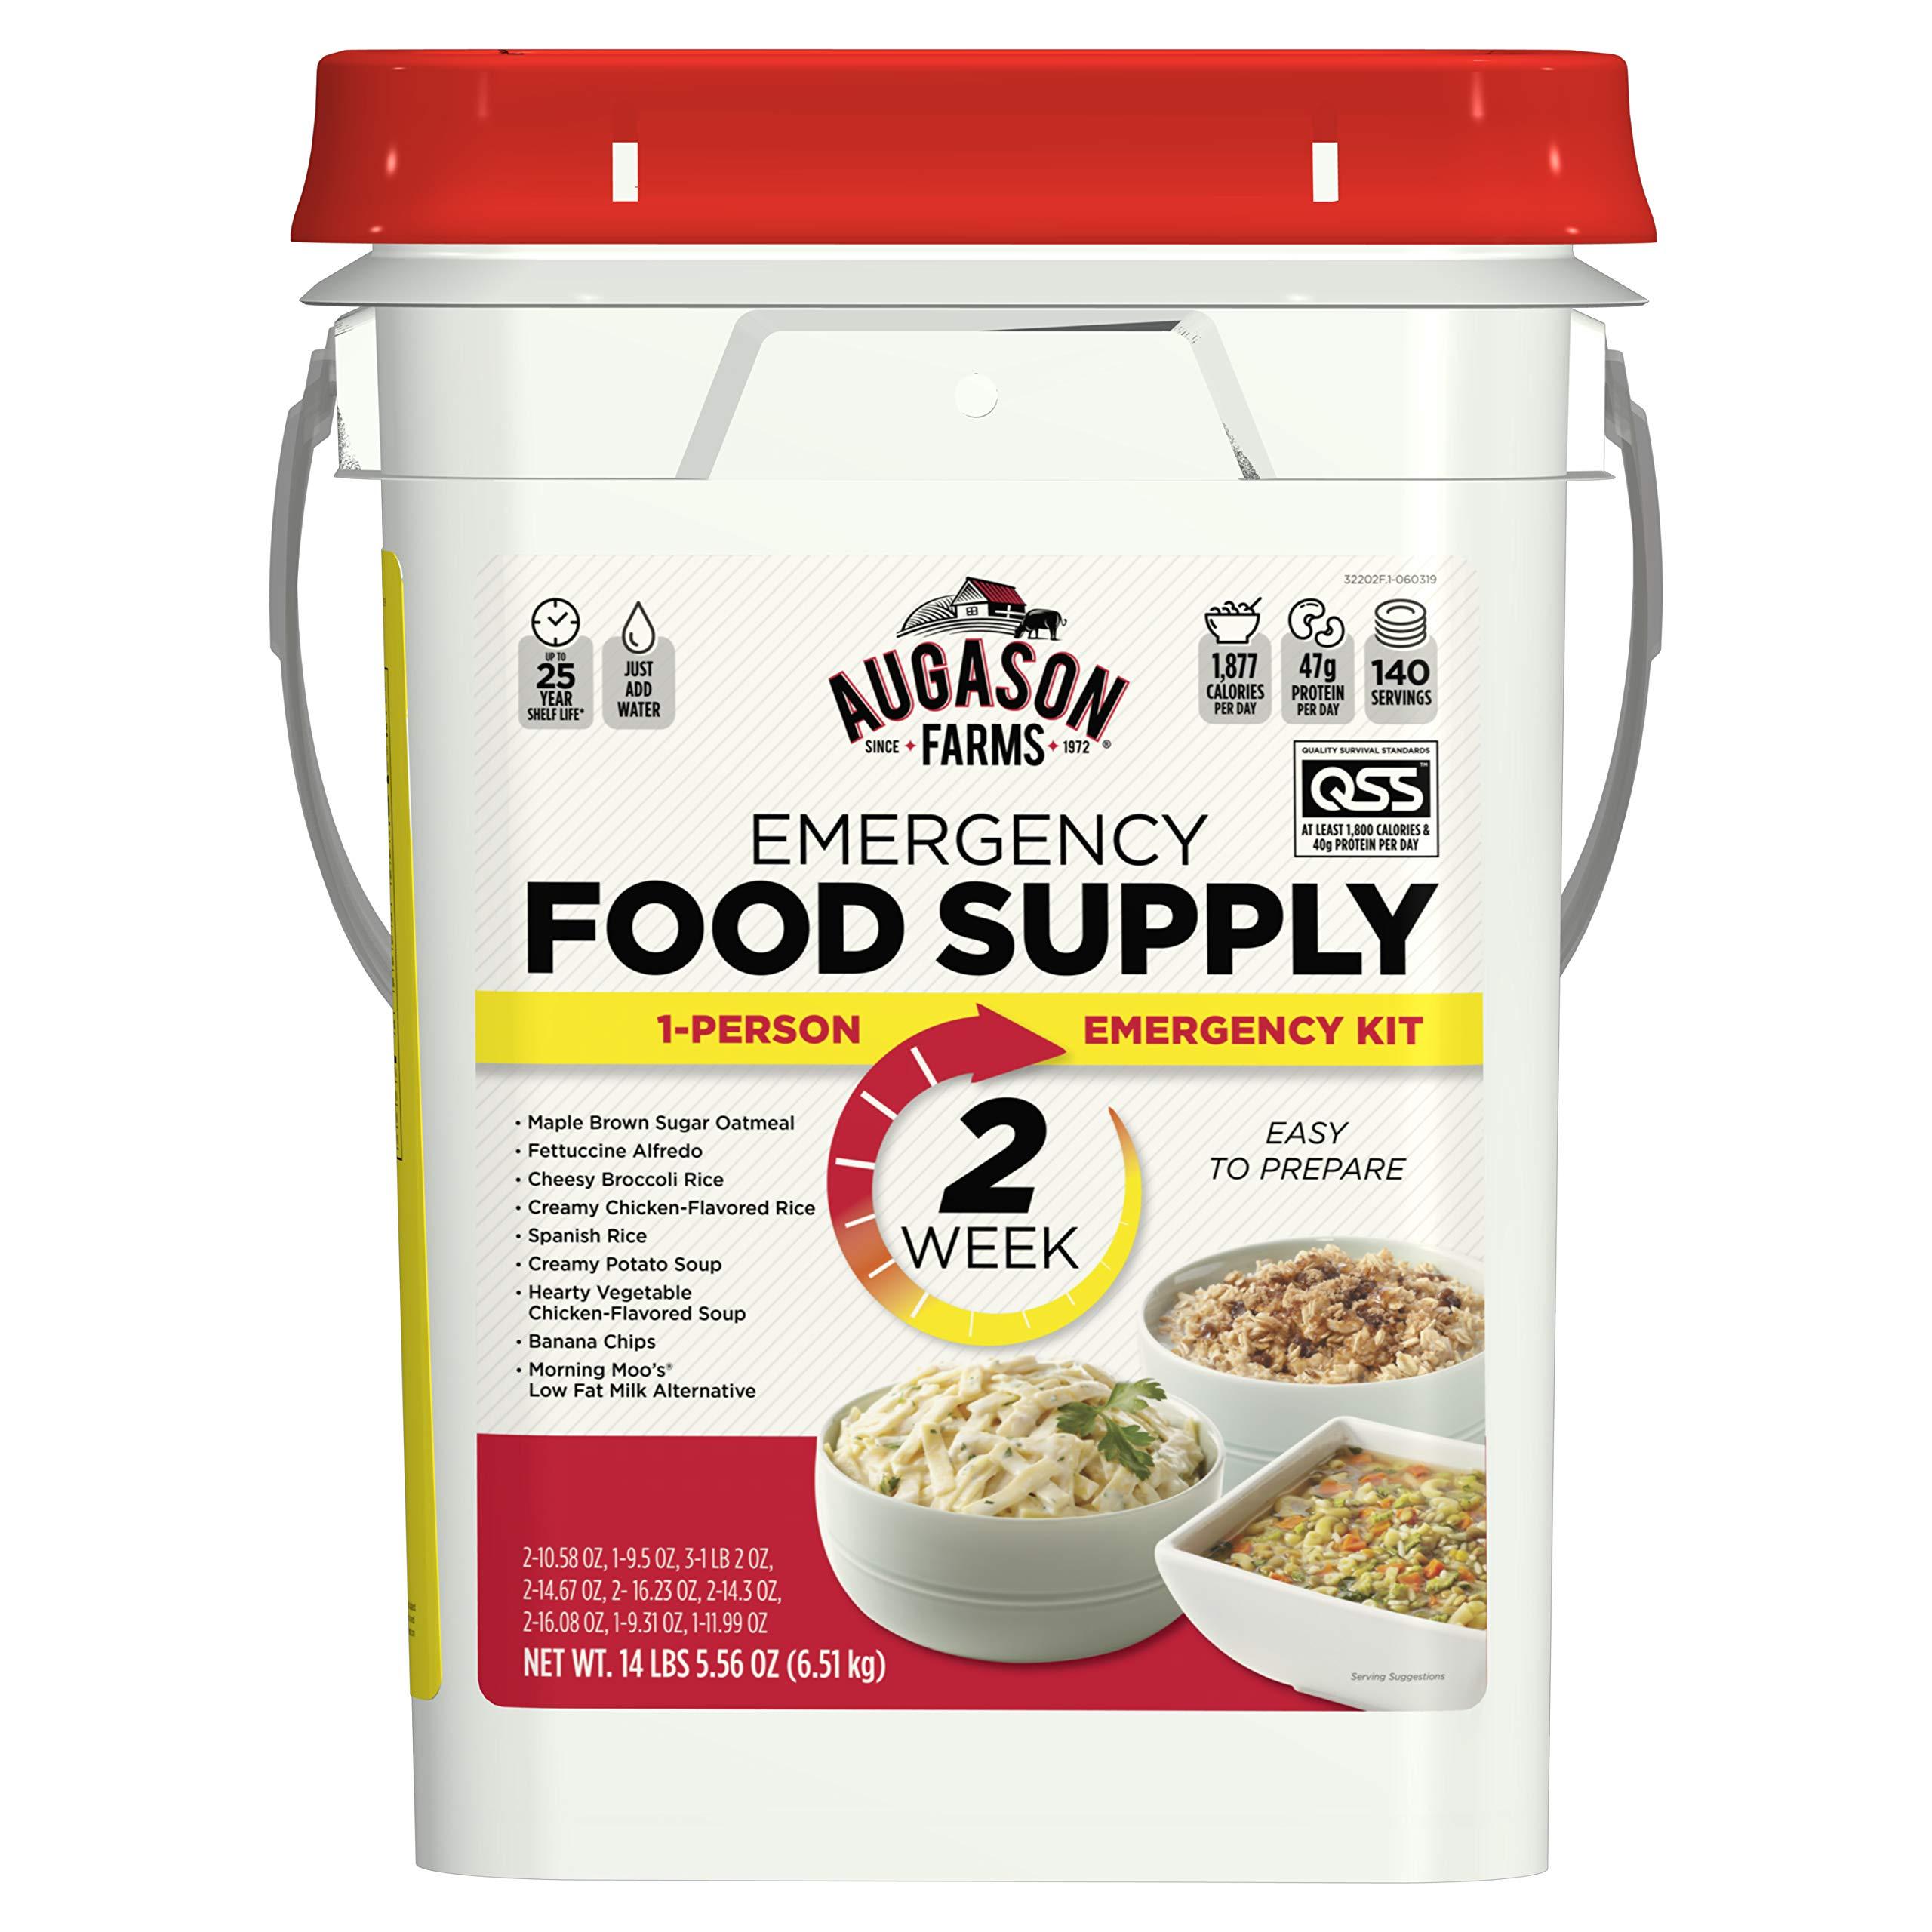 Augason Farms 2-Week 1-Person Emergency Food Supply Kit 14 lbs 5 oz by Augason Farms